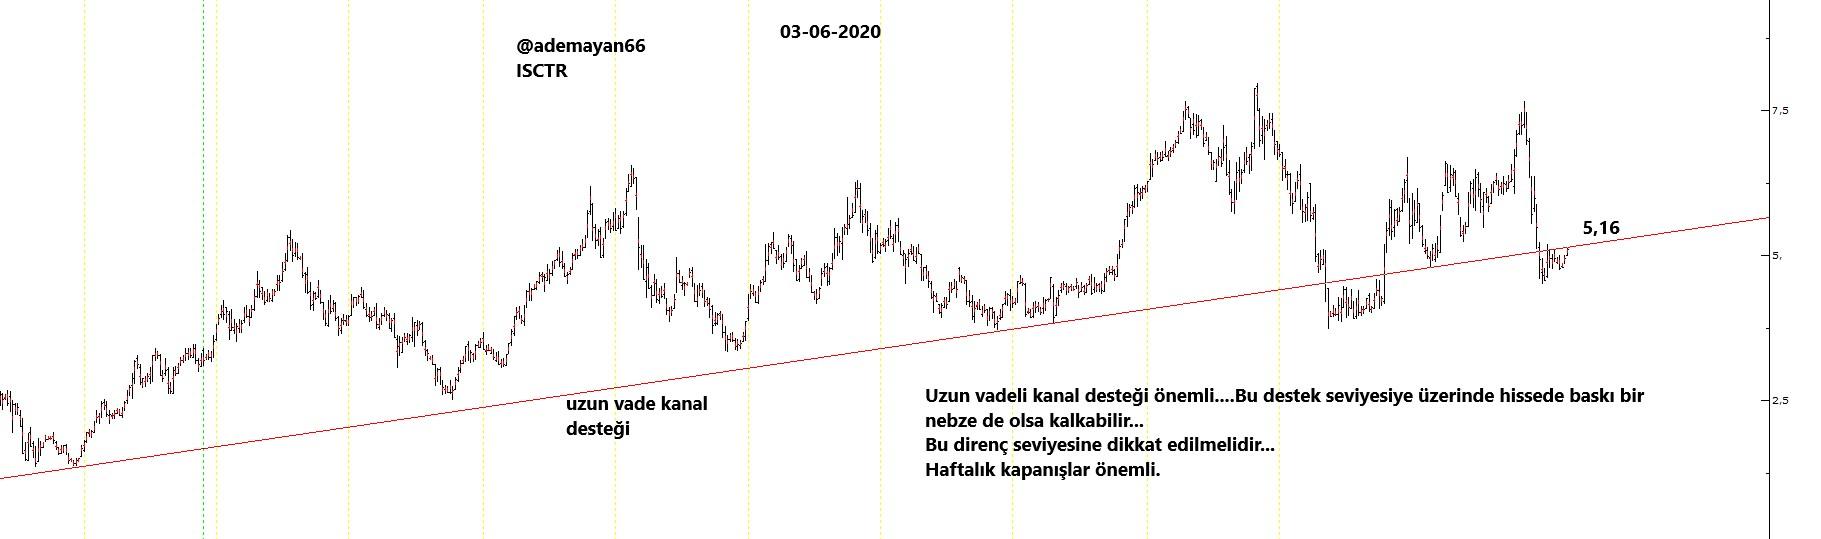 ISCTR 03-06-2020